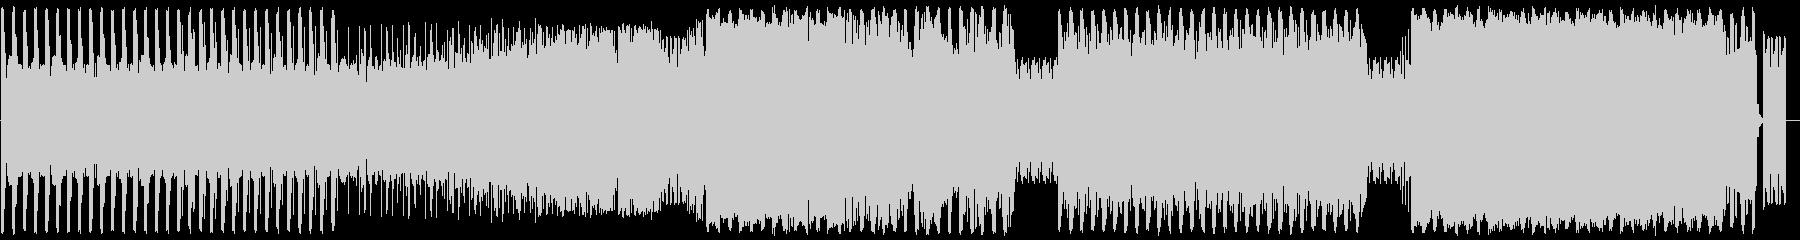 無機質なイメージのローファイテクノBGMの未再生の波形